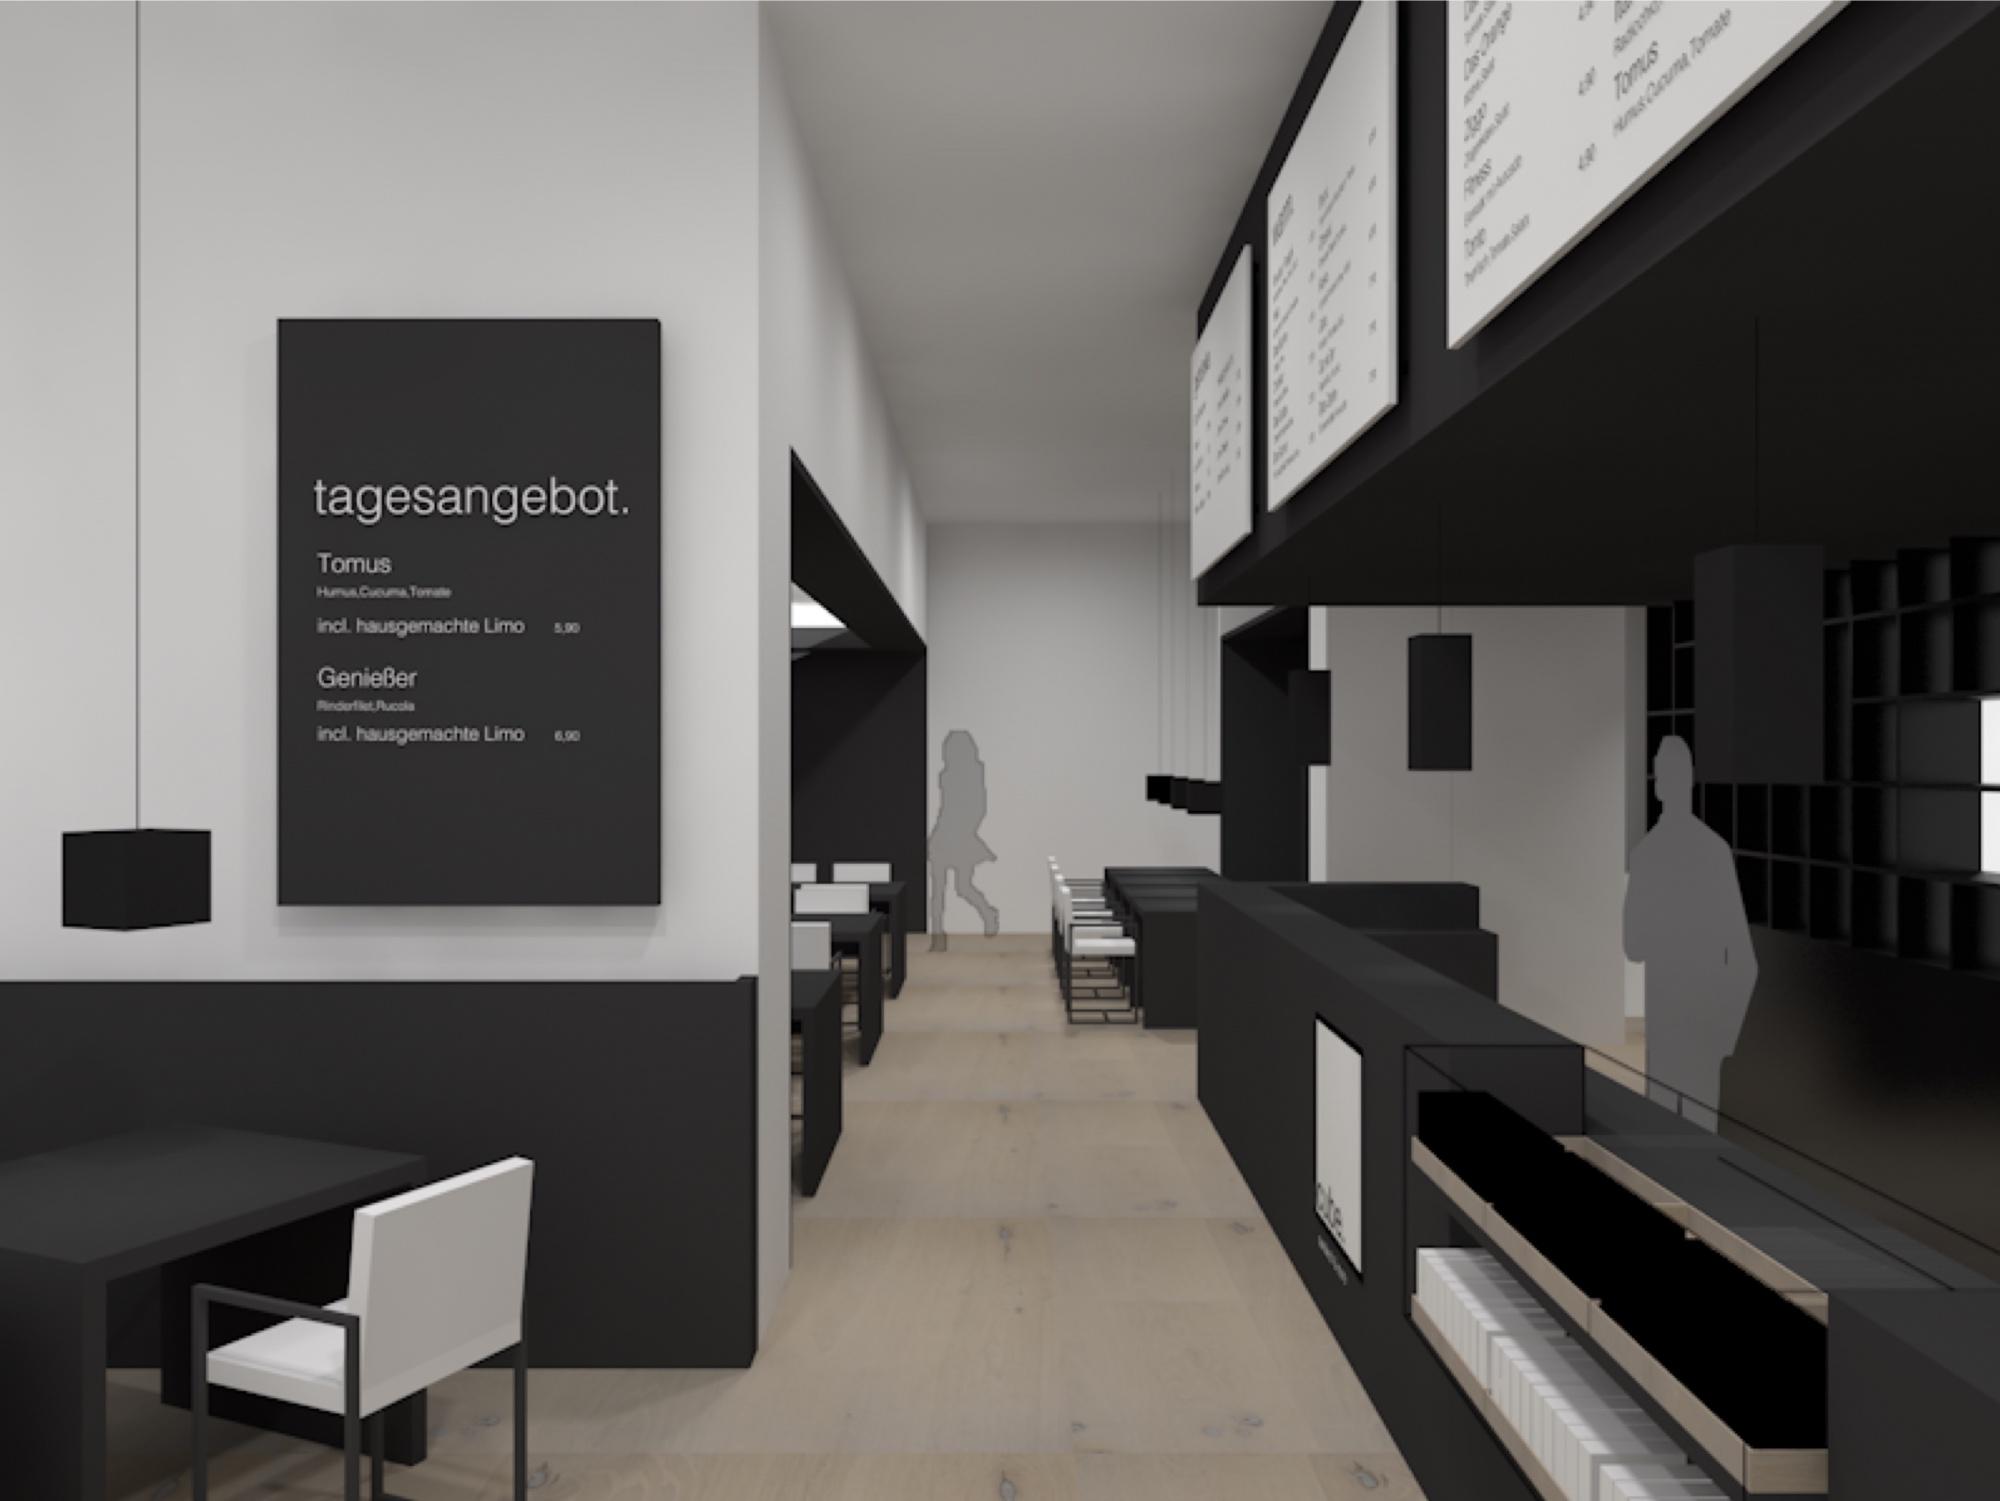 thema bdiausgezeichnet seite 8 von 12 bund deutscher innenarchitekten bdia. Black Bedroom Furniture Sets. Home Design Ideas